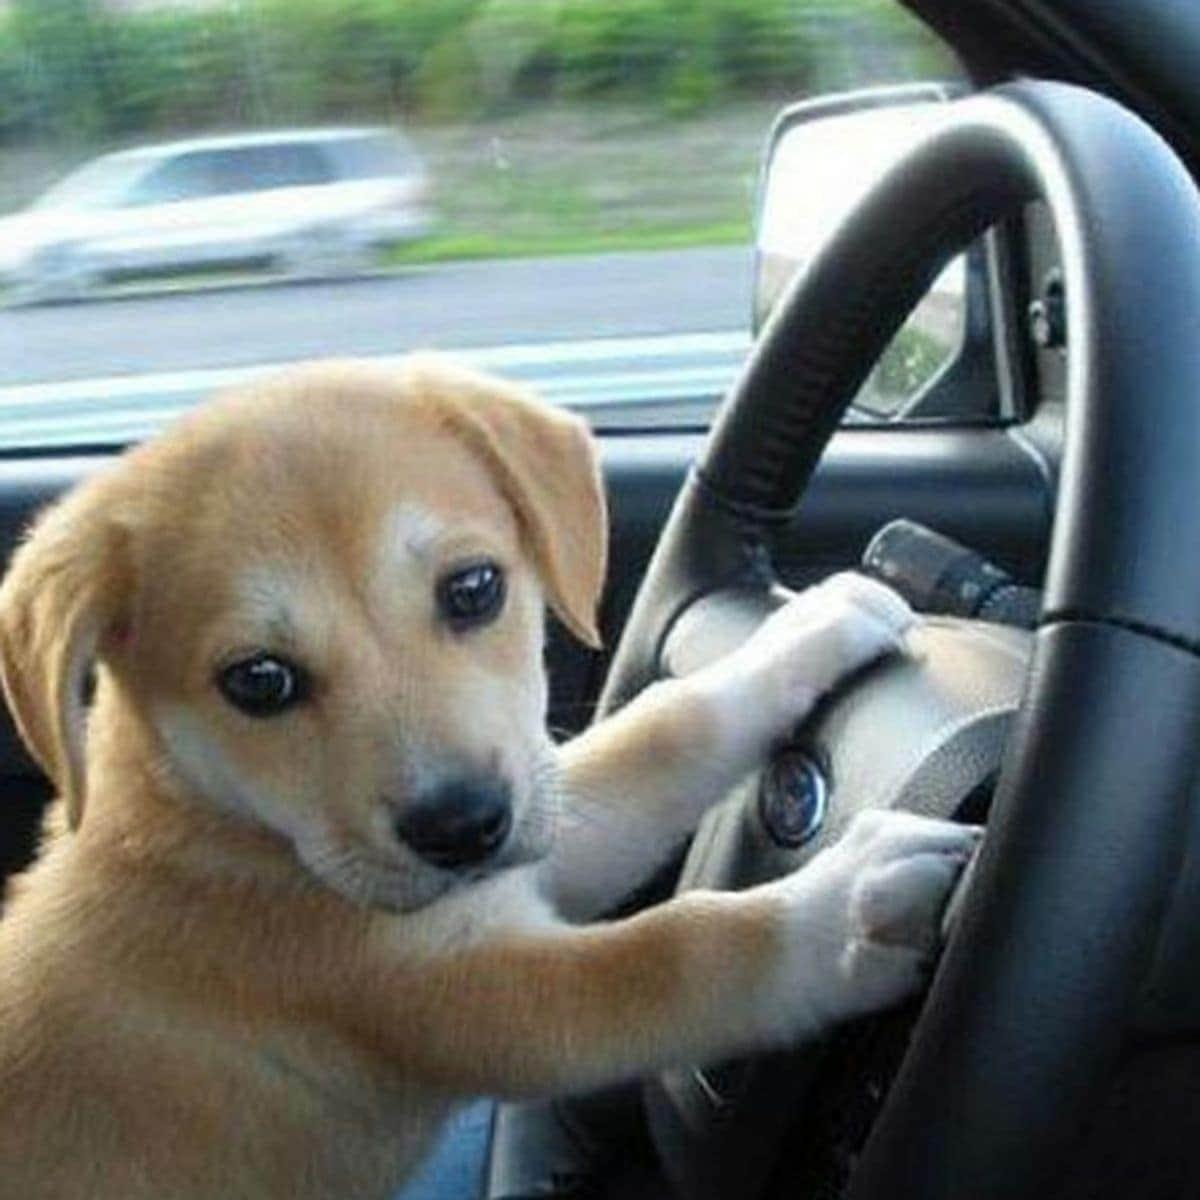 Die ultimative Lösung, wenn du betrunken von der Polizei angehalten wirst: Setz deinen Hund ans Steuer | Lustiges | Was is hier eigentlich los?